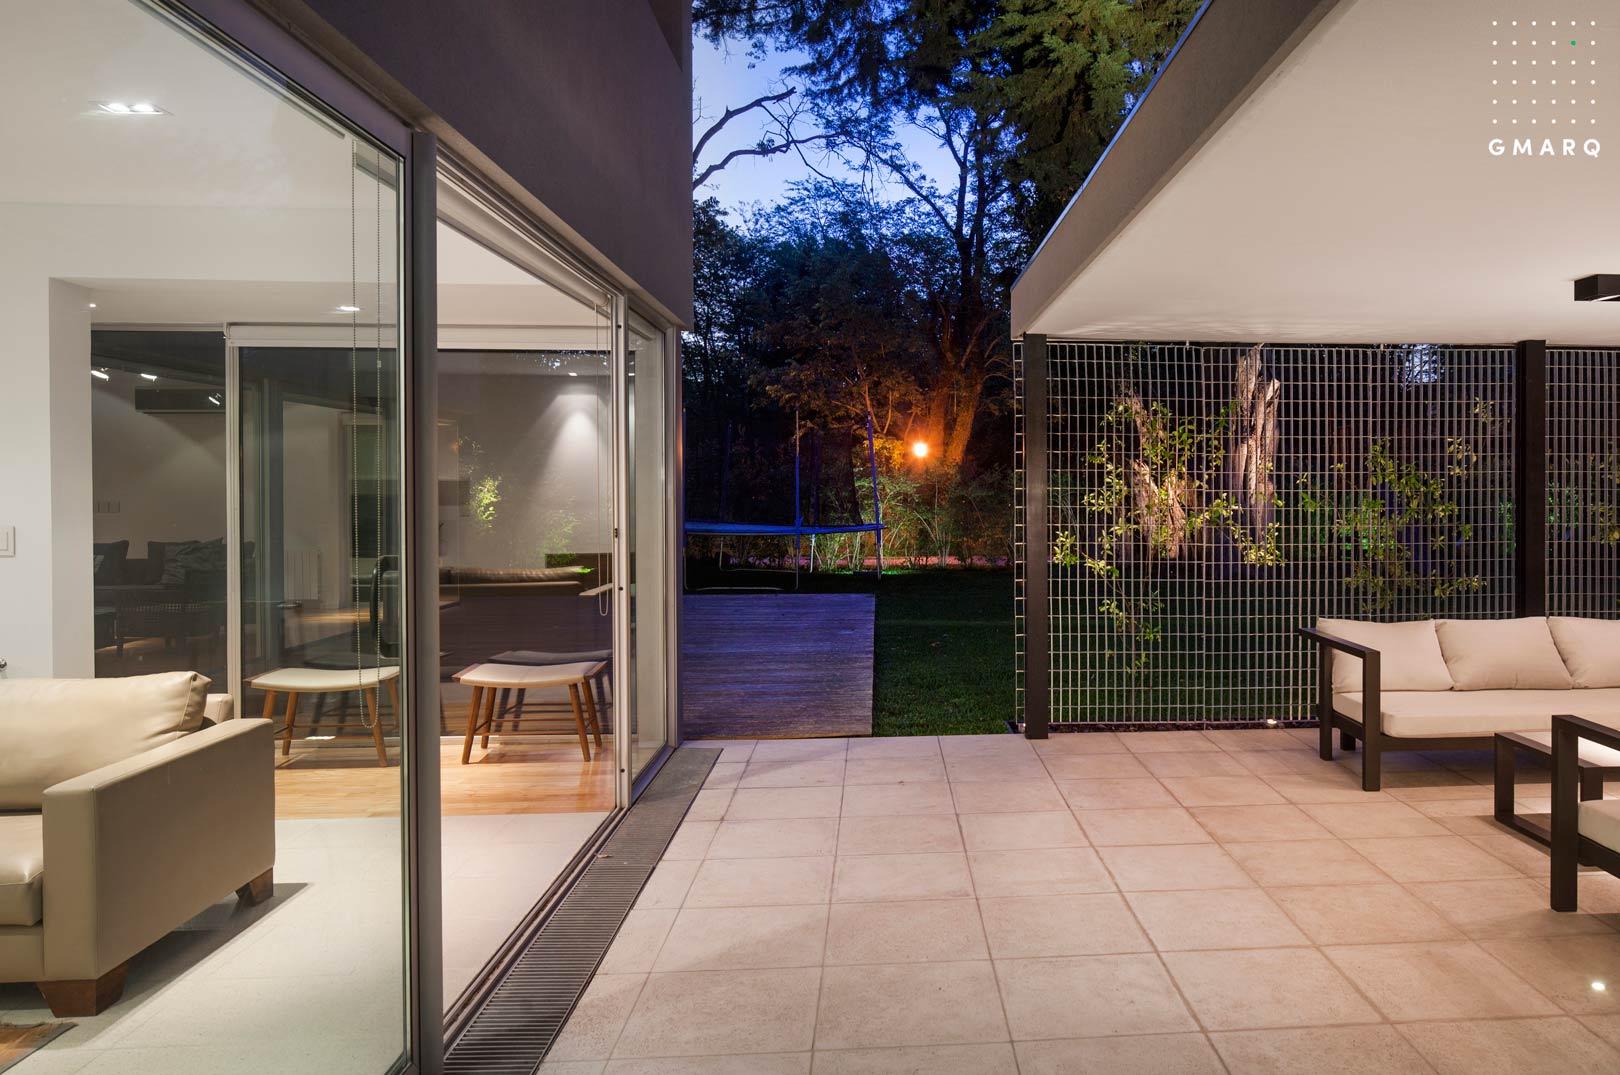 Estudio gmarq casa mp estilo racionalista portal de - Estudio 3 arquitectos ...